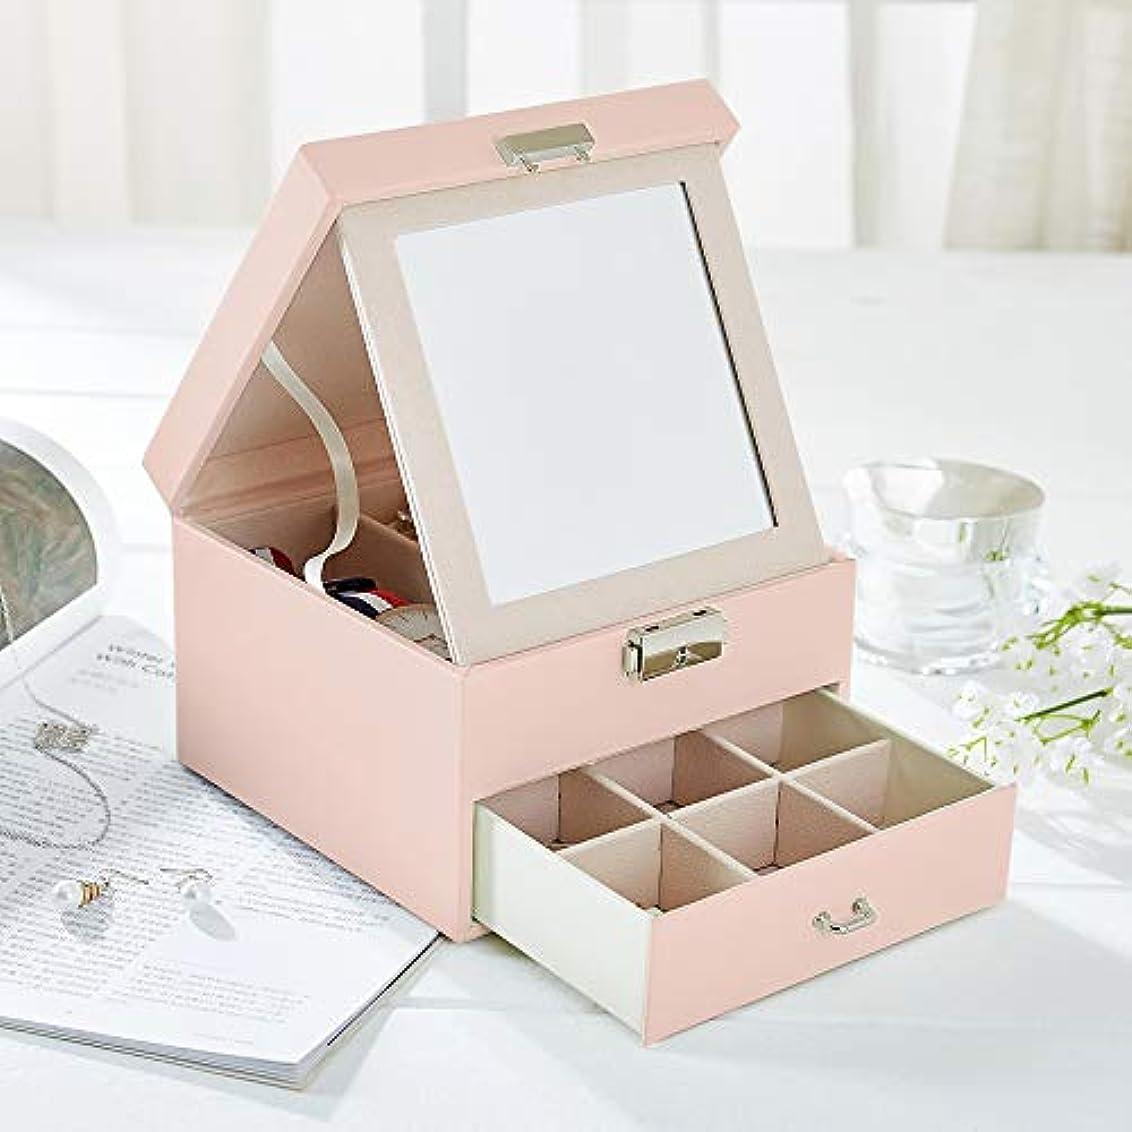 睡眠複雑でない散文Diolan ジュエリー収納ケース ジュエリーボックス ミラー付き 2段収納 イヤリング 指輪 腕時計などを収納できる (ピンク)